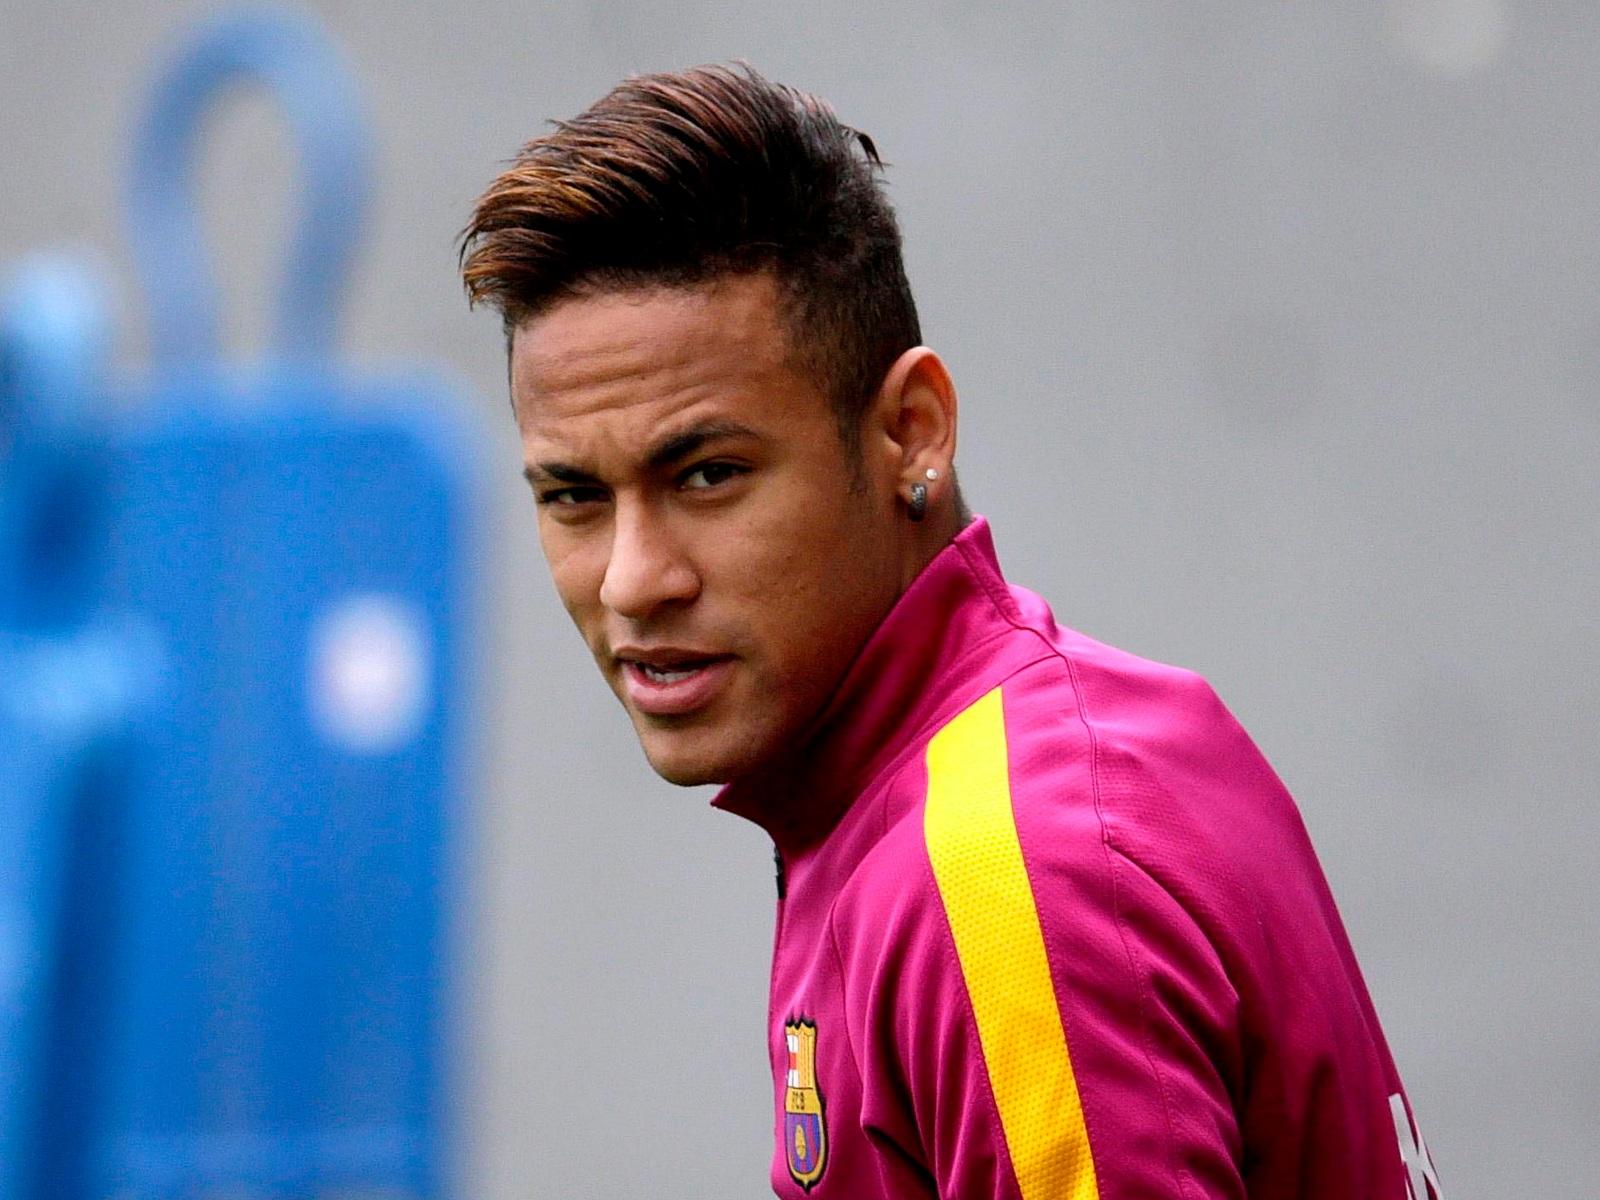 Schön Neymar 2016 Frisur Finden Sie Die Beste Frisur Inspiration Hier